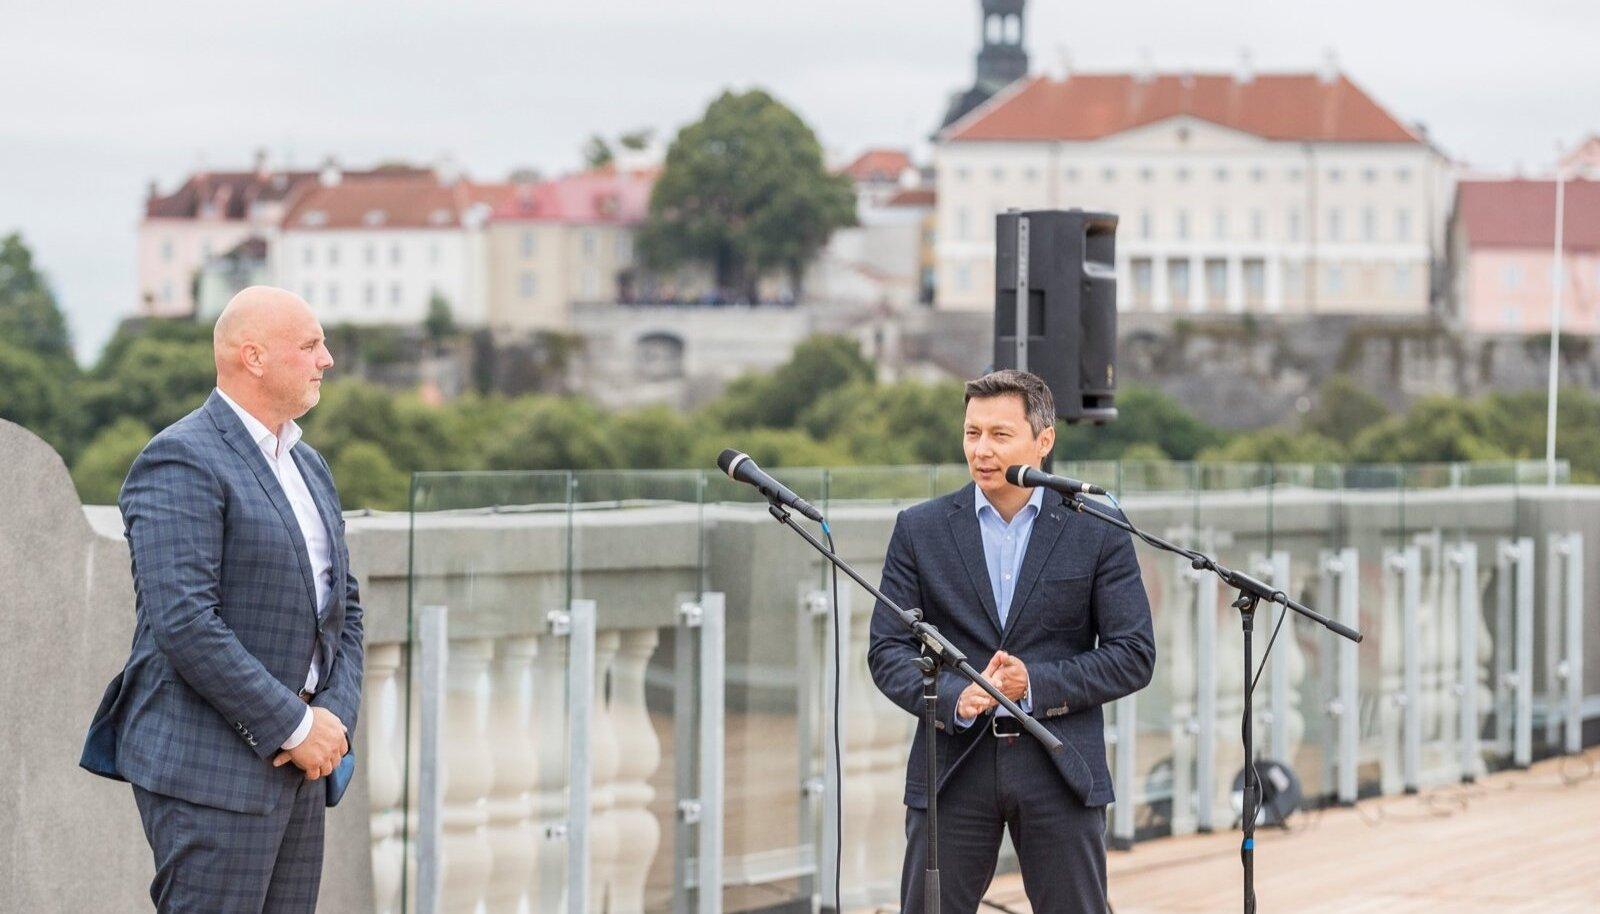 Gustav Adolfi gümnaasiumi uue koolimaja tutvustus, Hendrik Agur, Mihhail Kõlvart